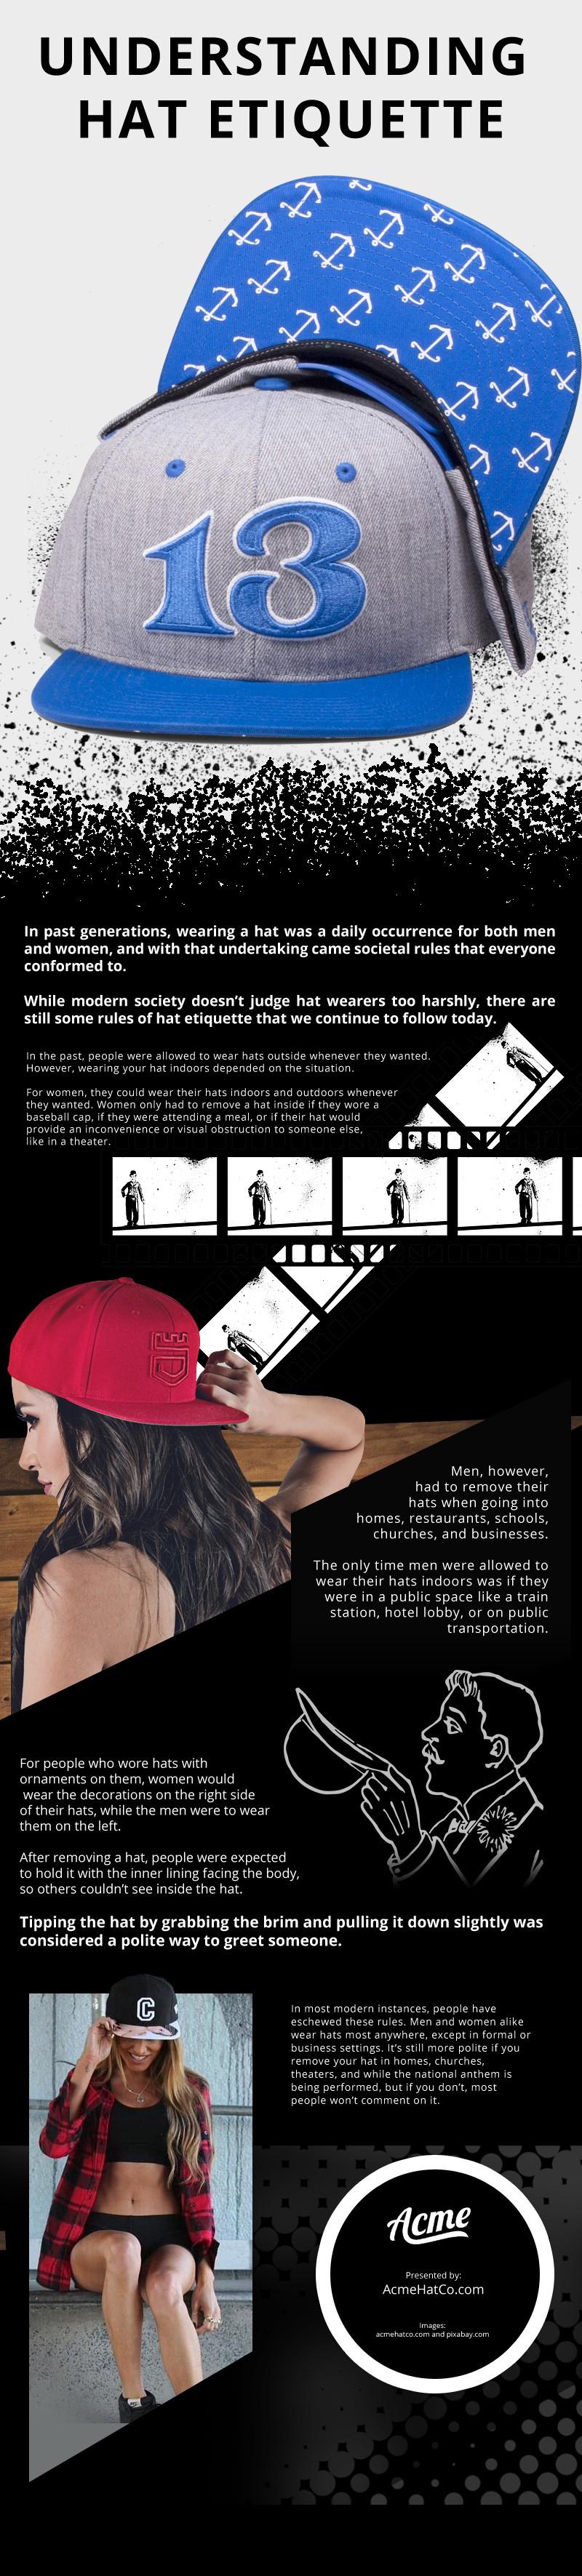 Understanding Hat Etiquette Infographic